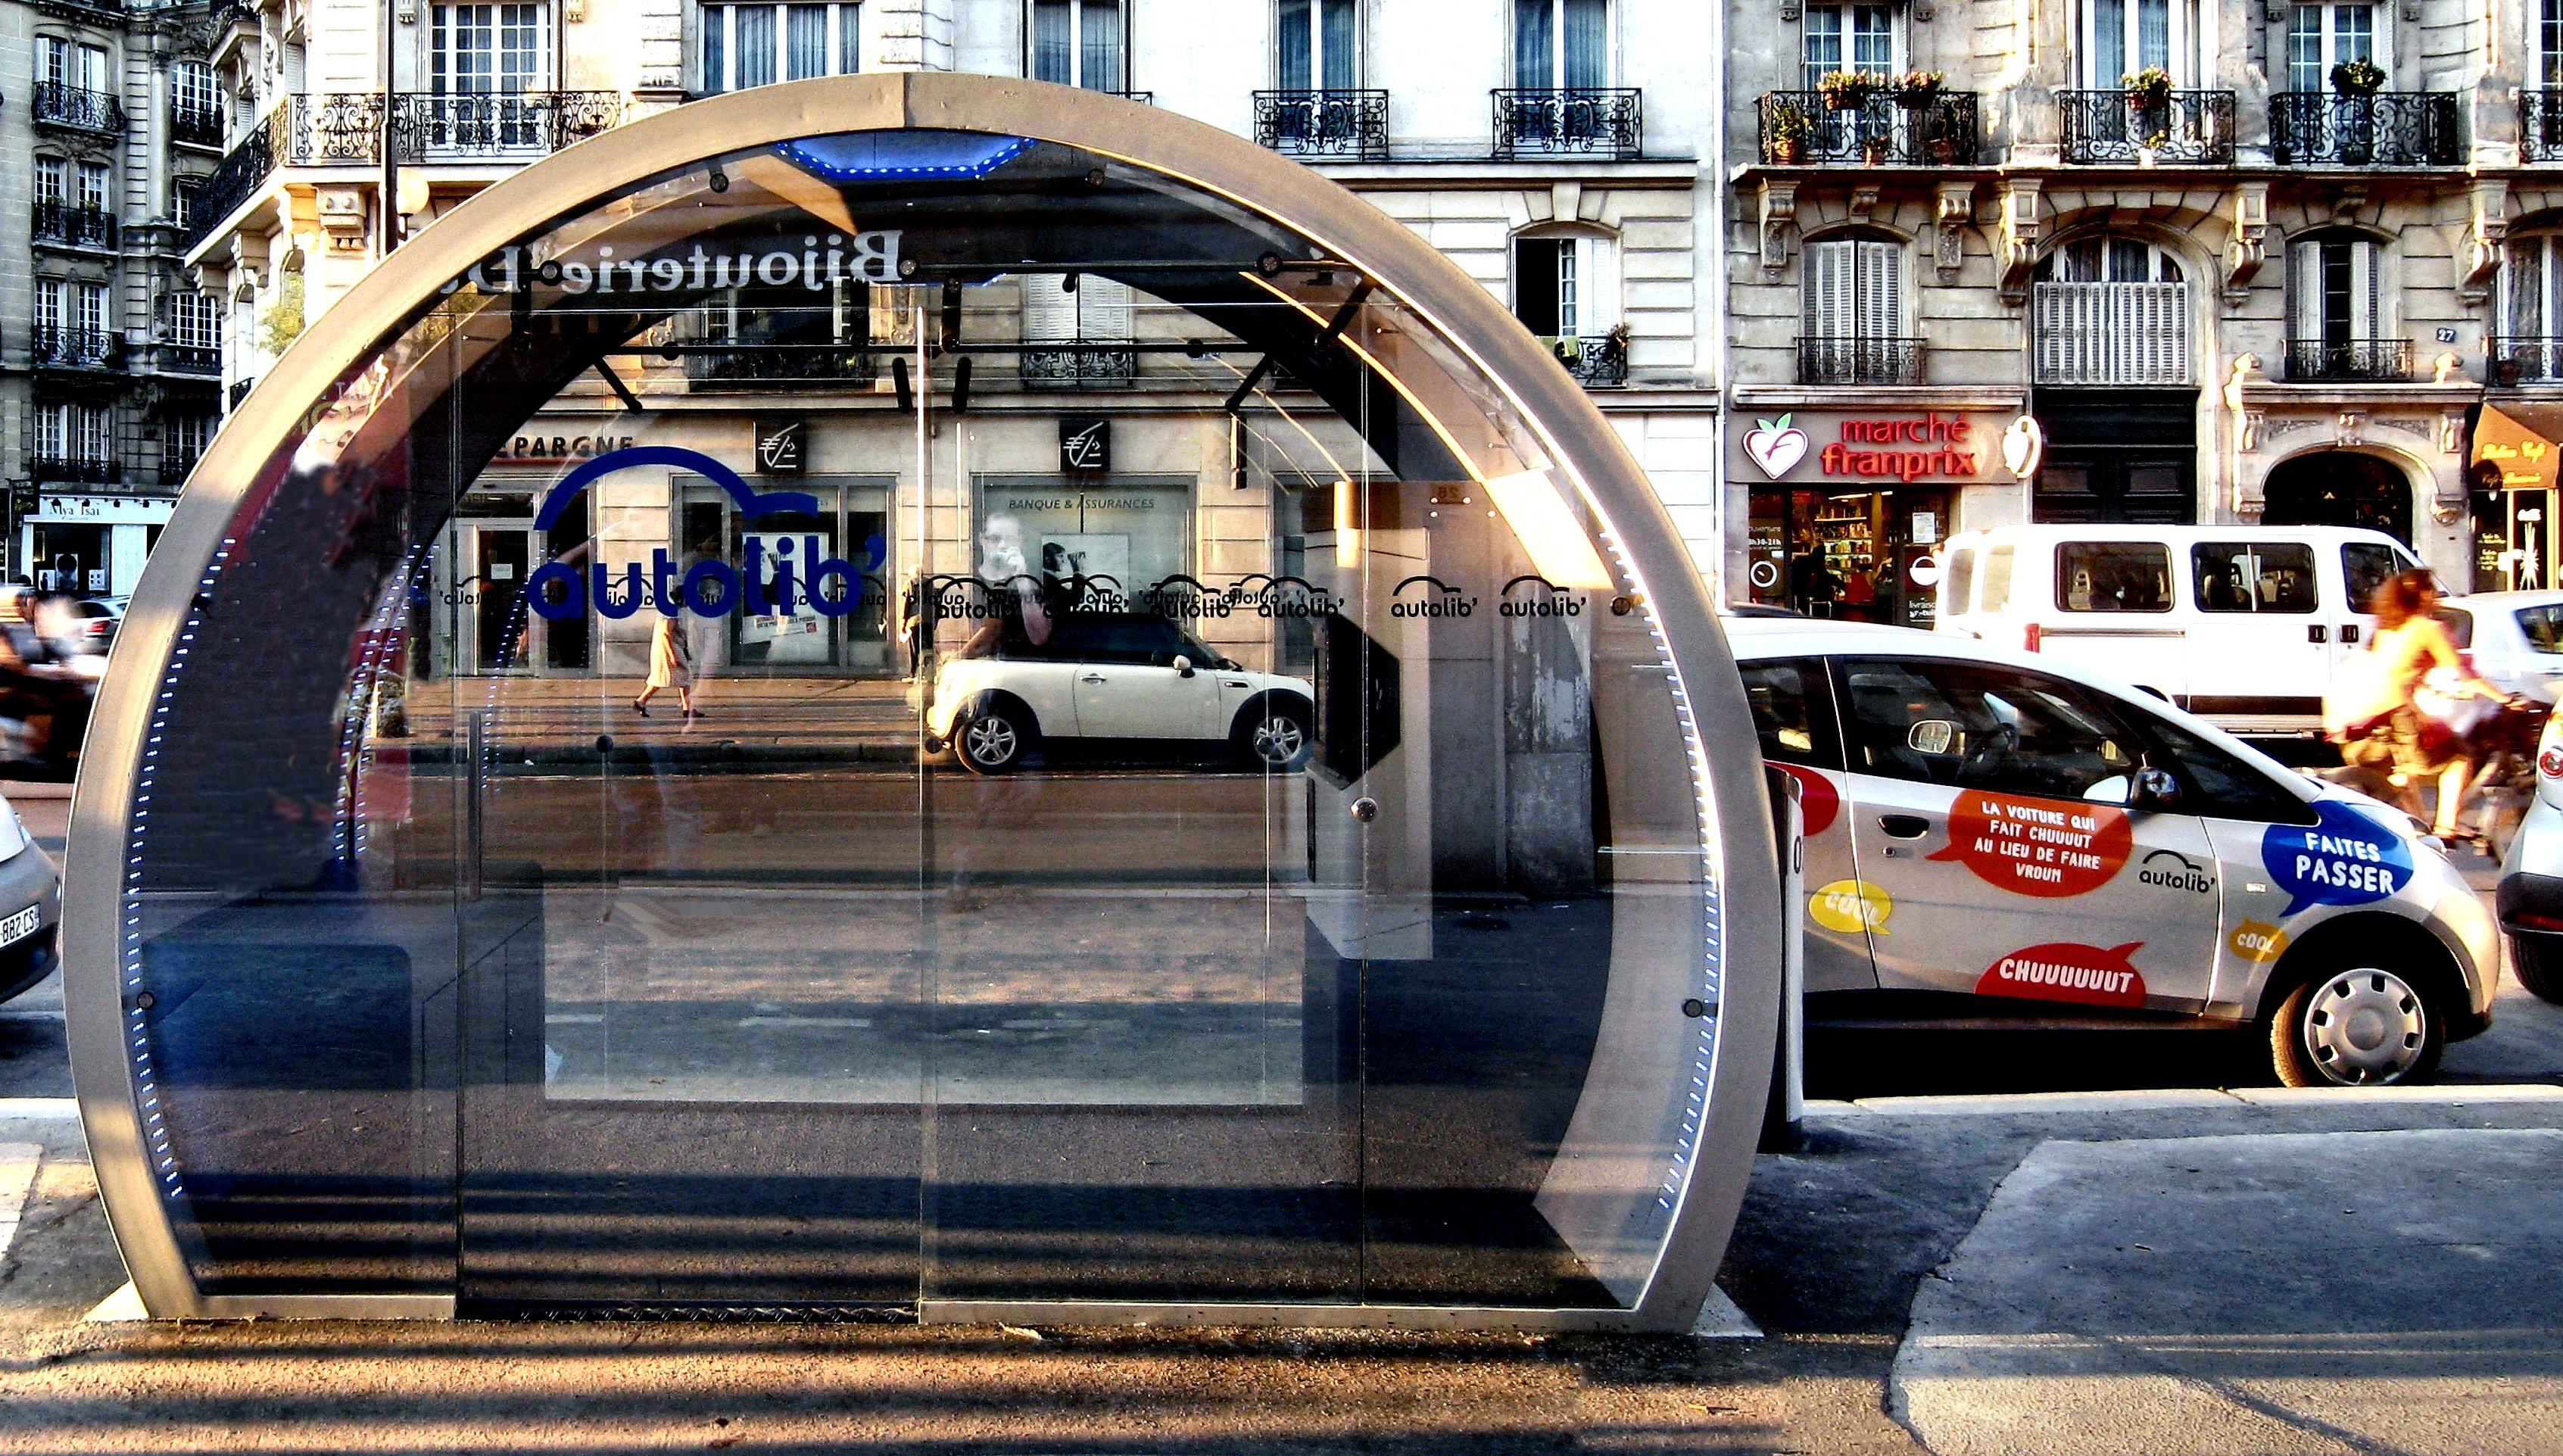 Parigi_Autolib_punto_di_ricarica